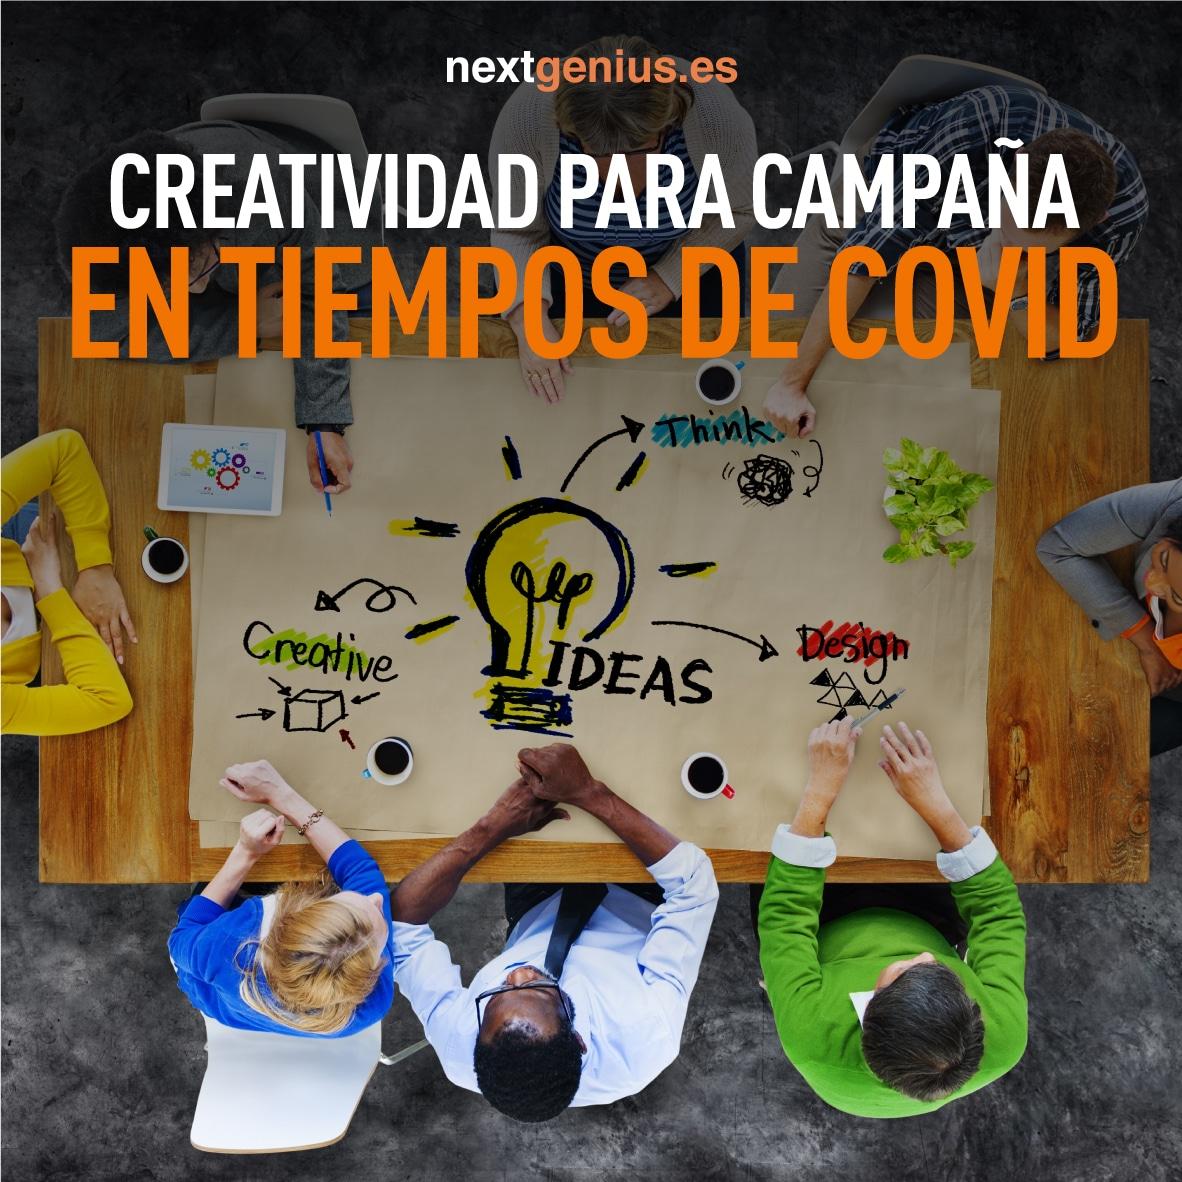 Creatividad para crear una Campaña de Marketing en tiempos de Covid